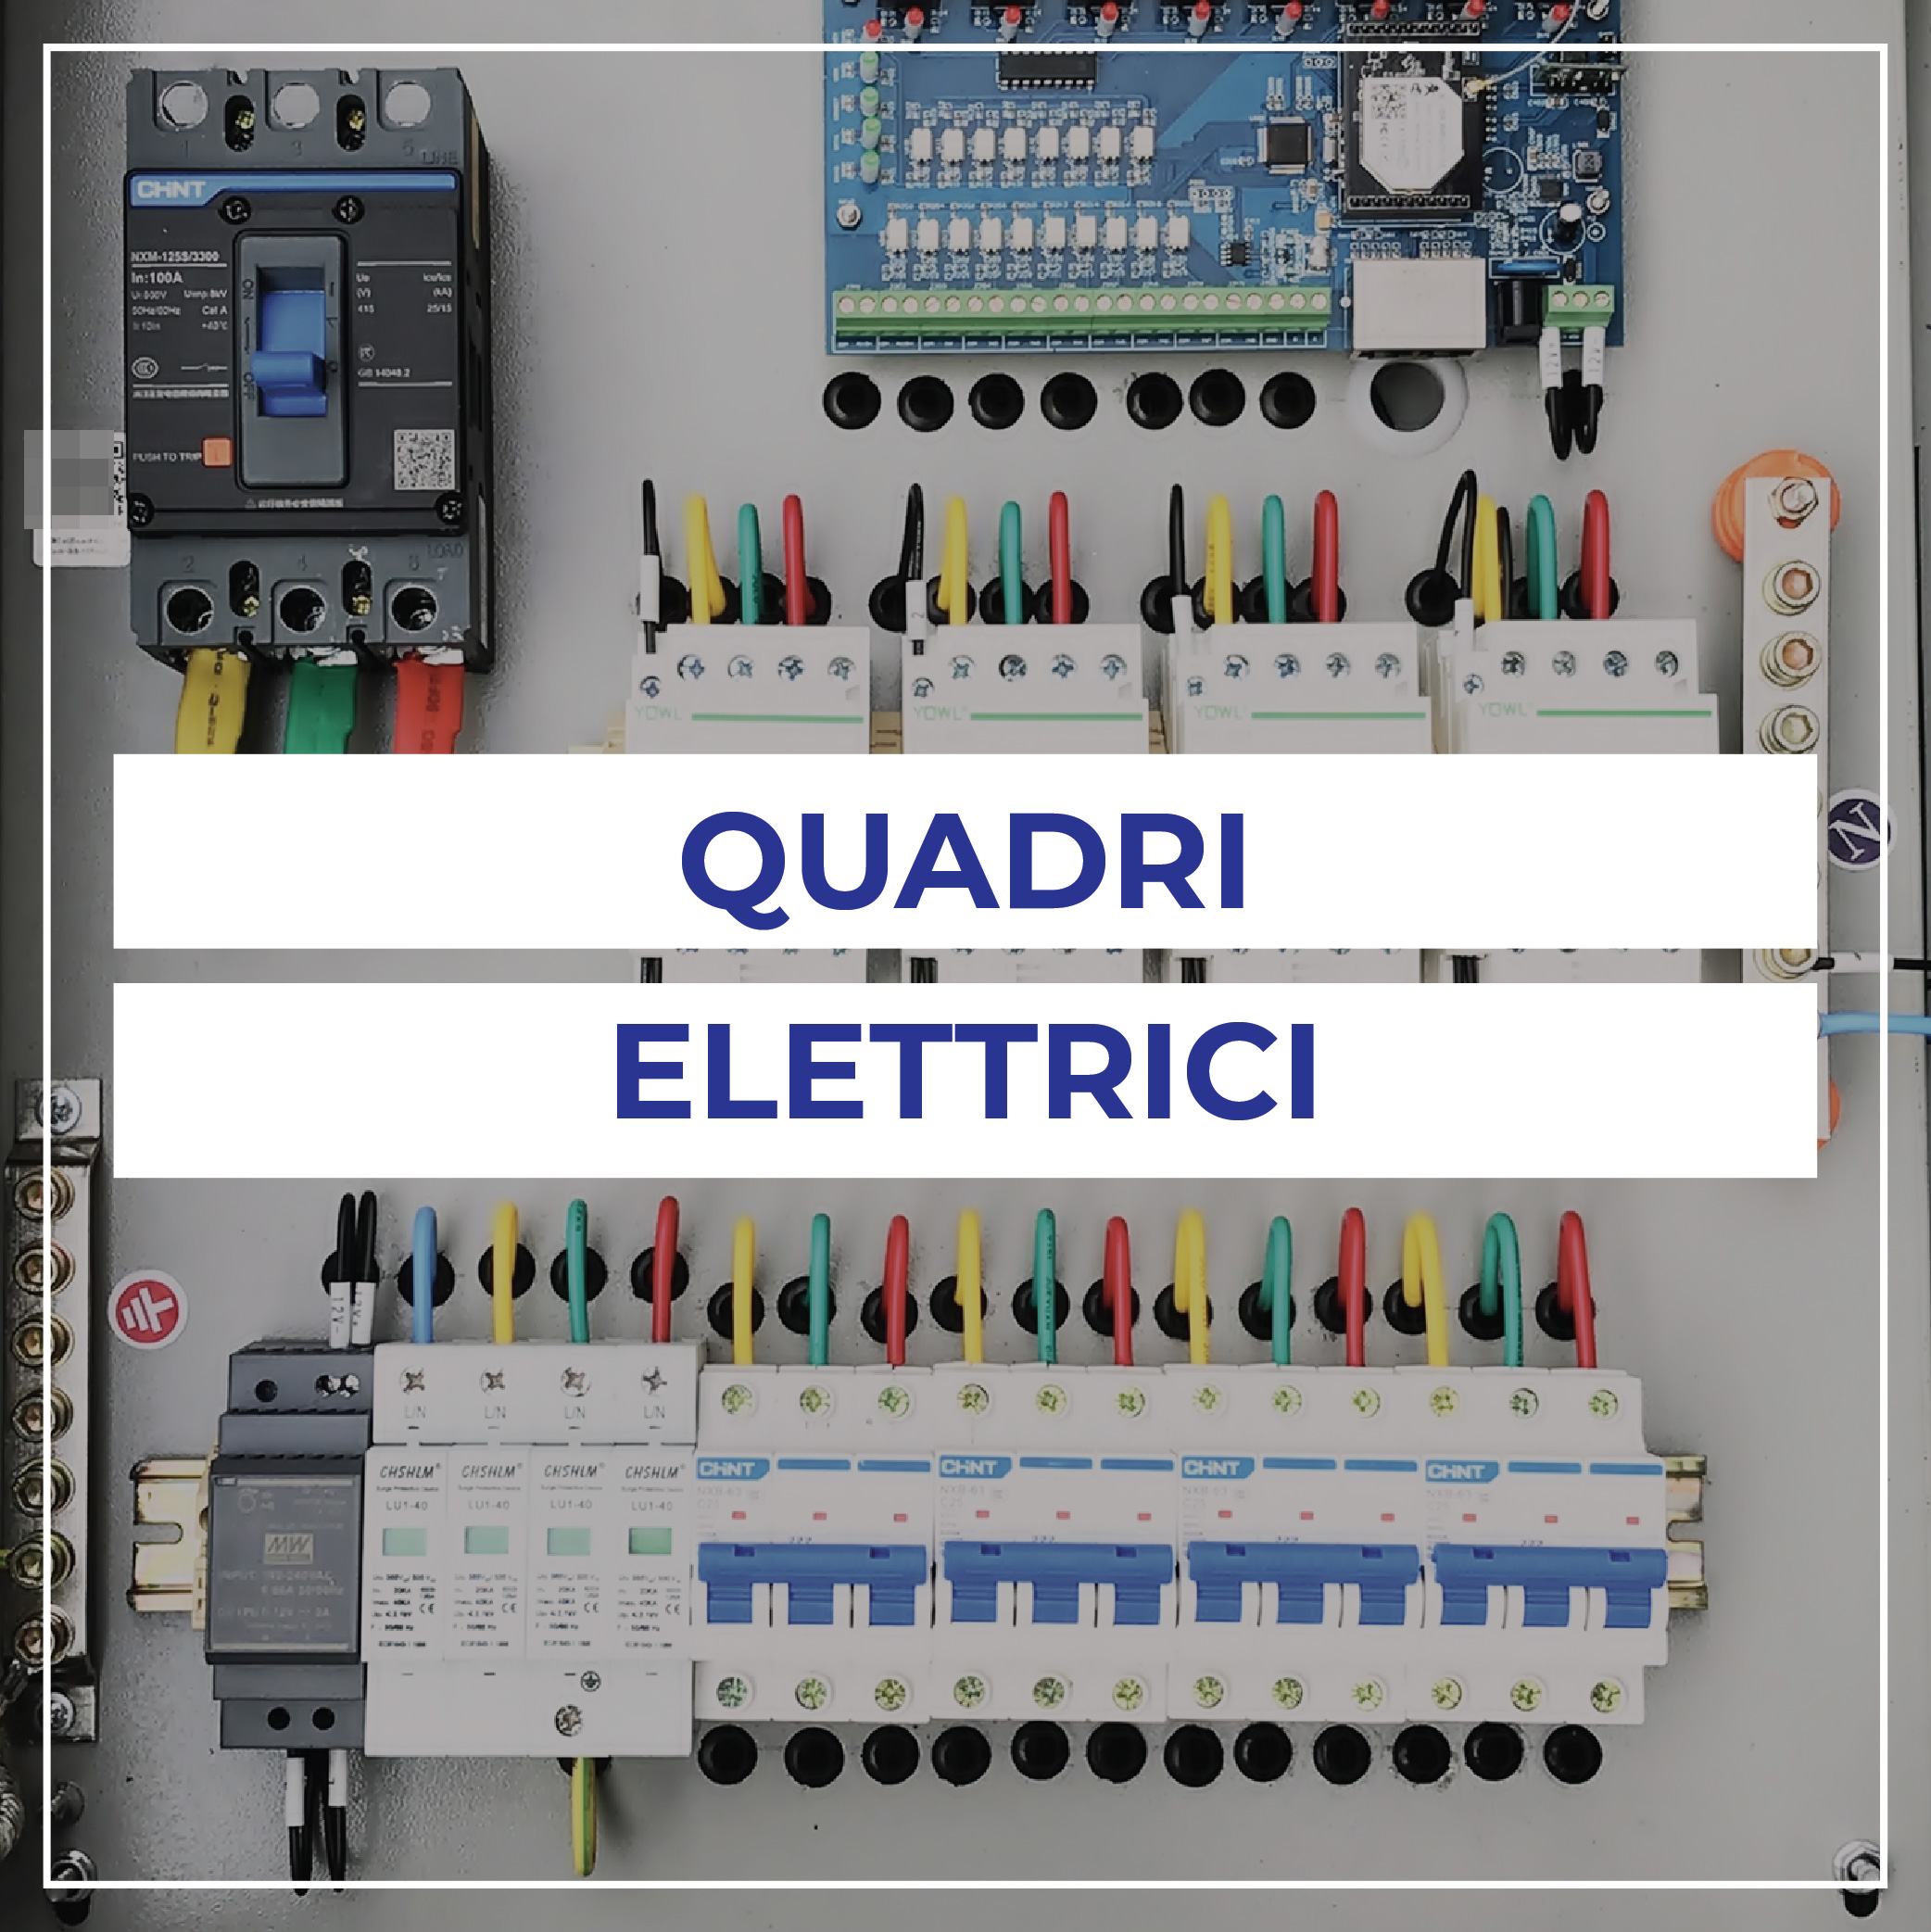 Servizi sirp impianti elettrici quadri elettrici